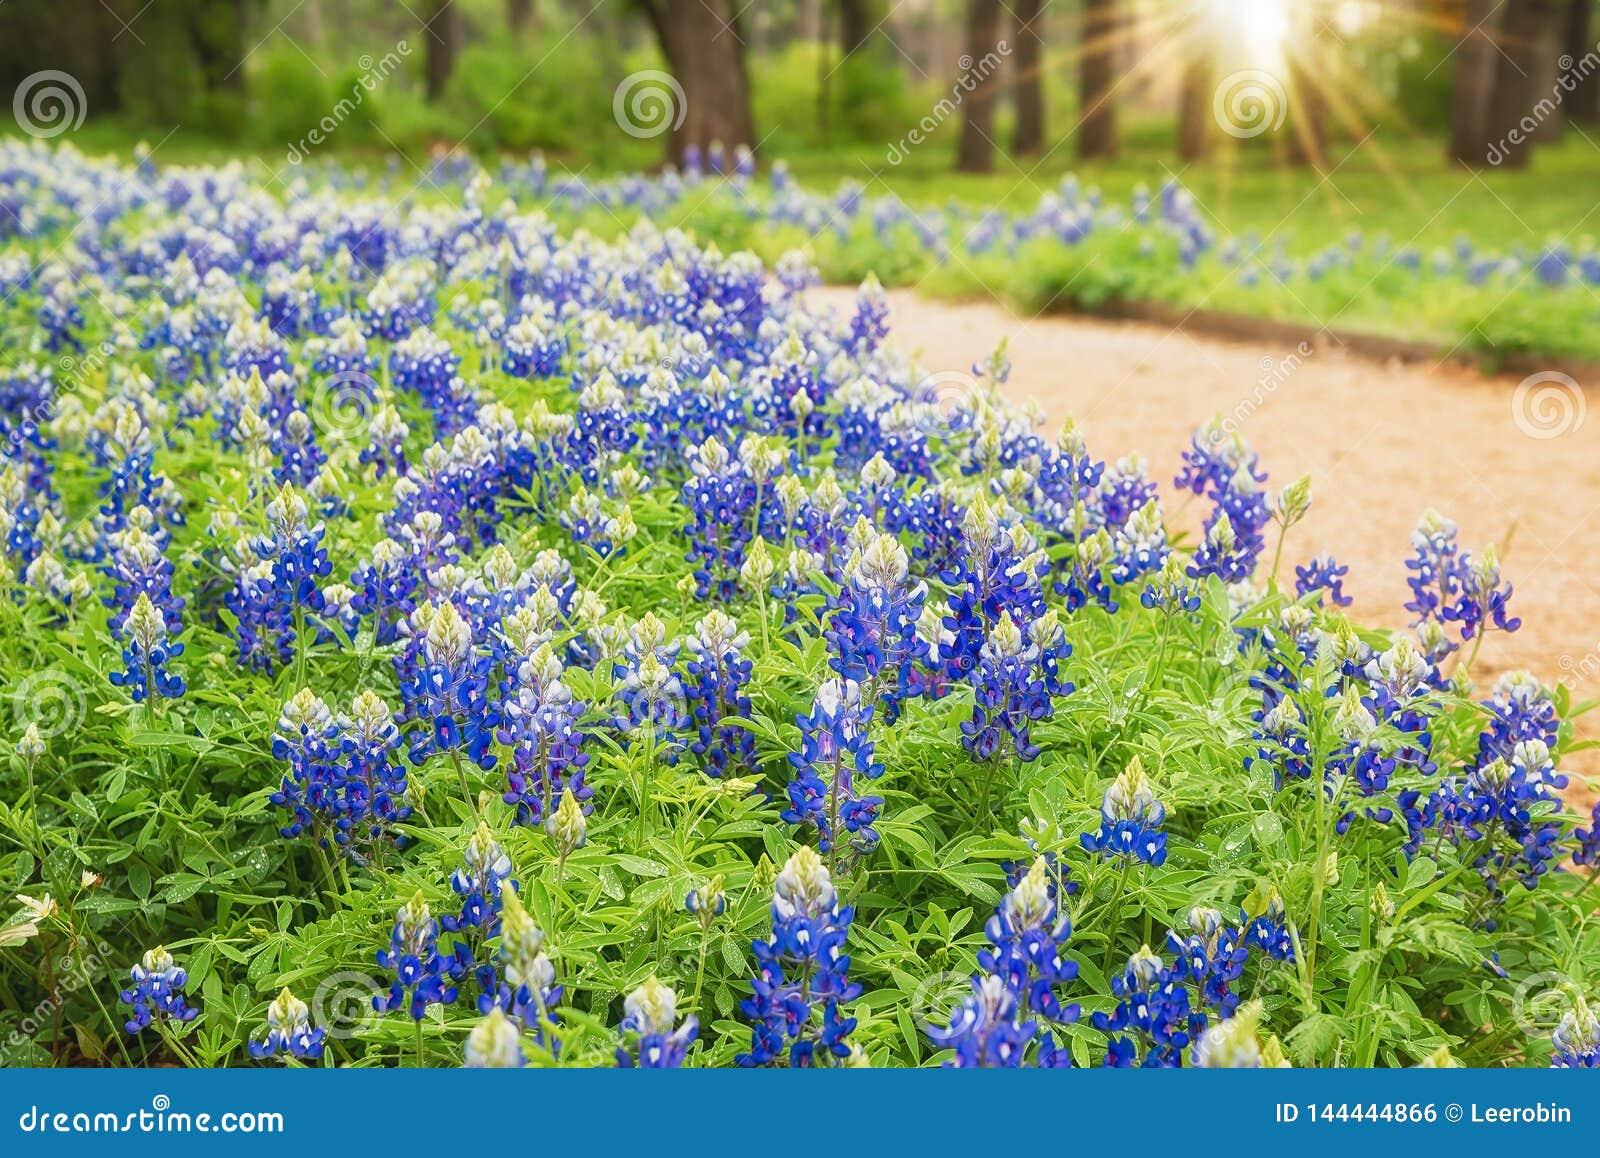 开花沿足迹的得克萨斯矢车菊